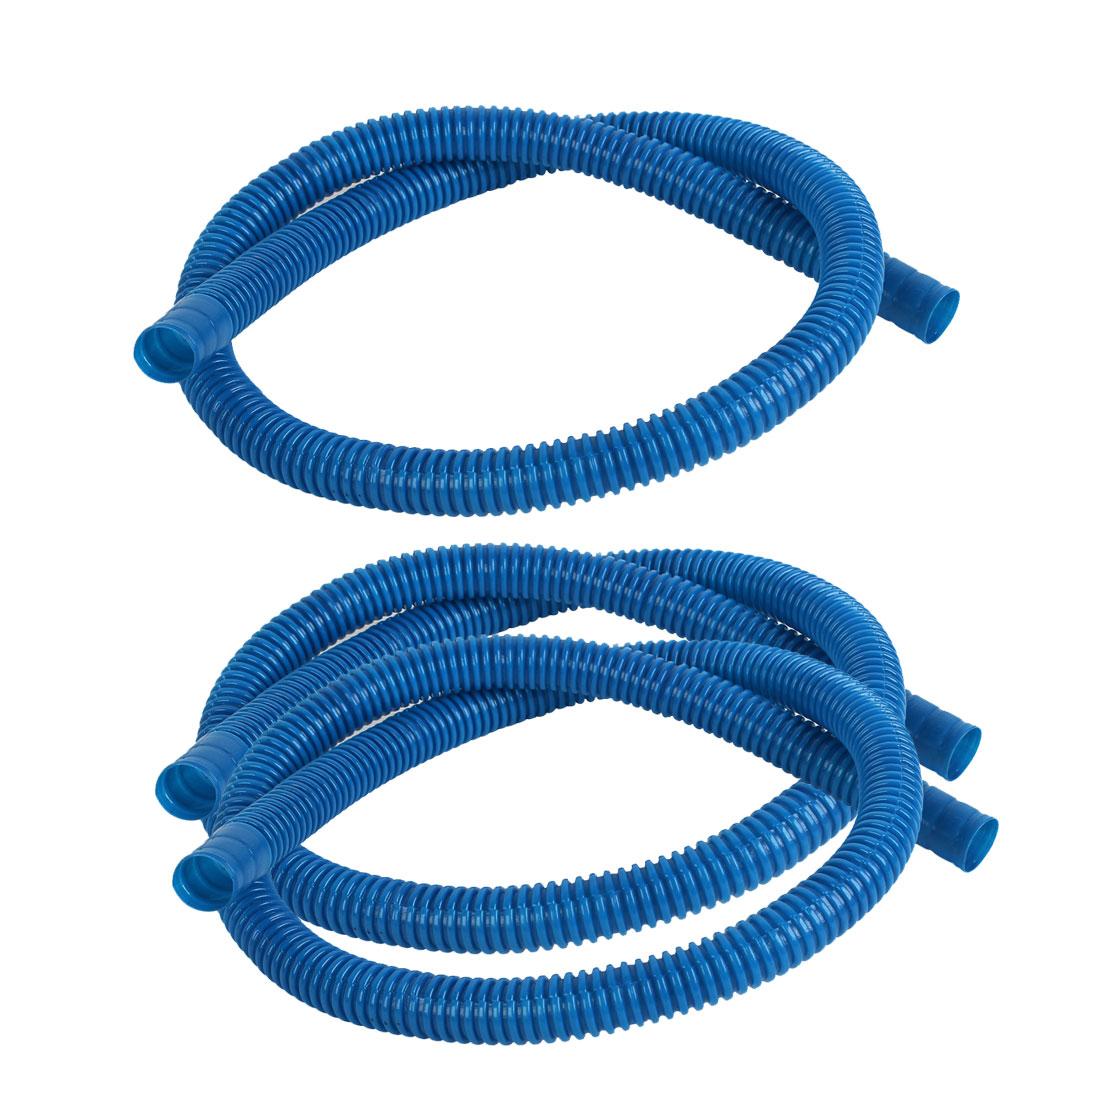 Blue Plastic Washing Machine Drain Washer Pipe Dishwasher Hose 3PCS